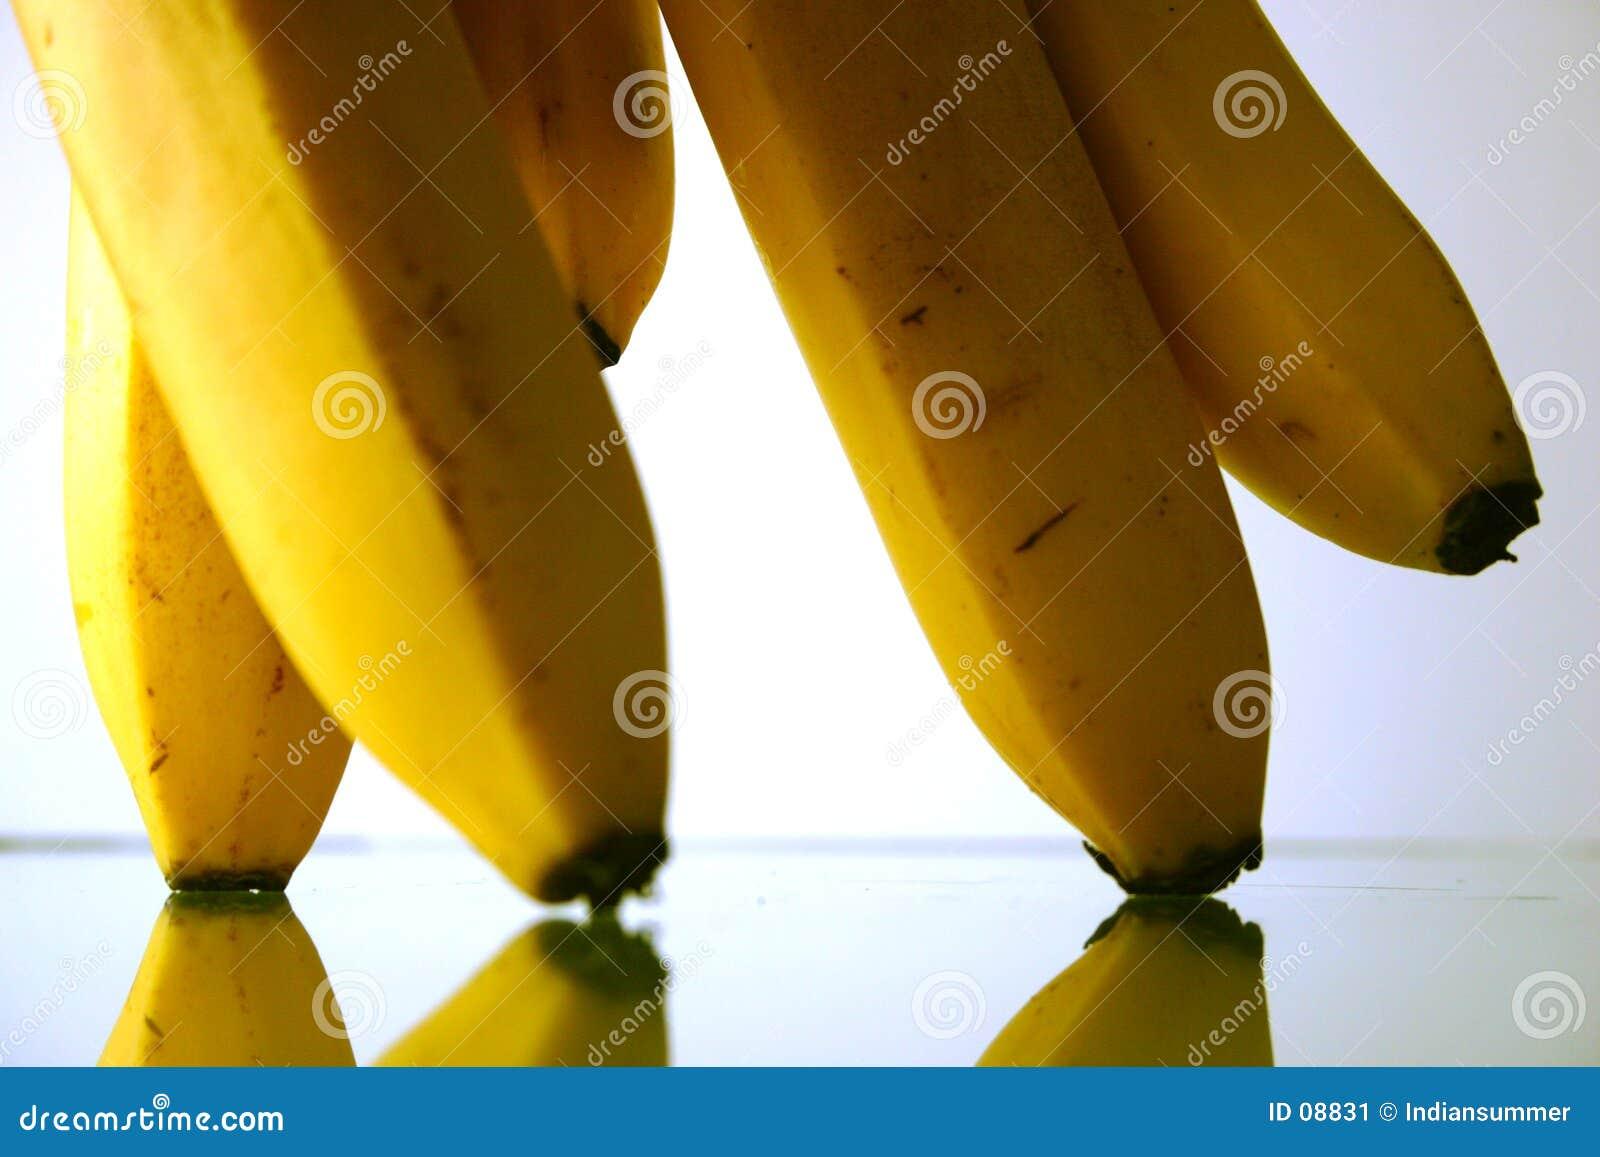 Bananas parade